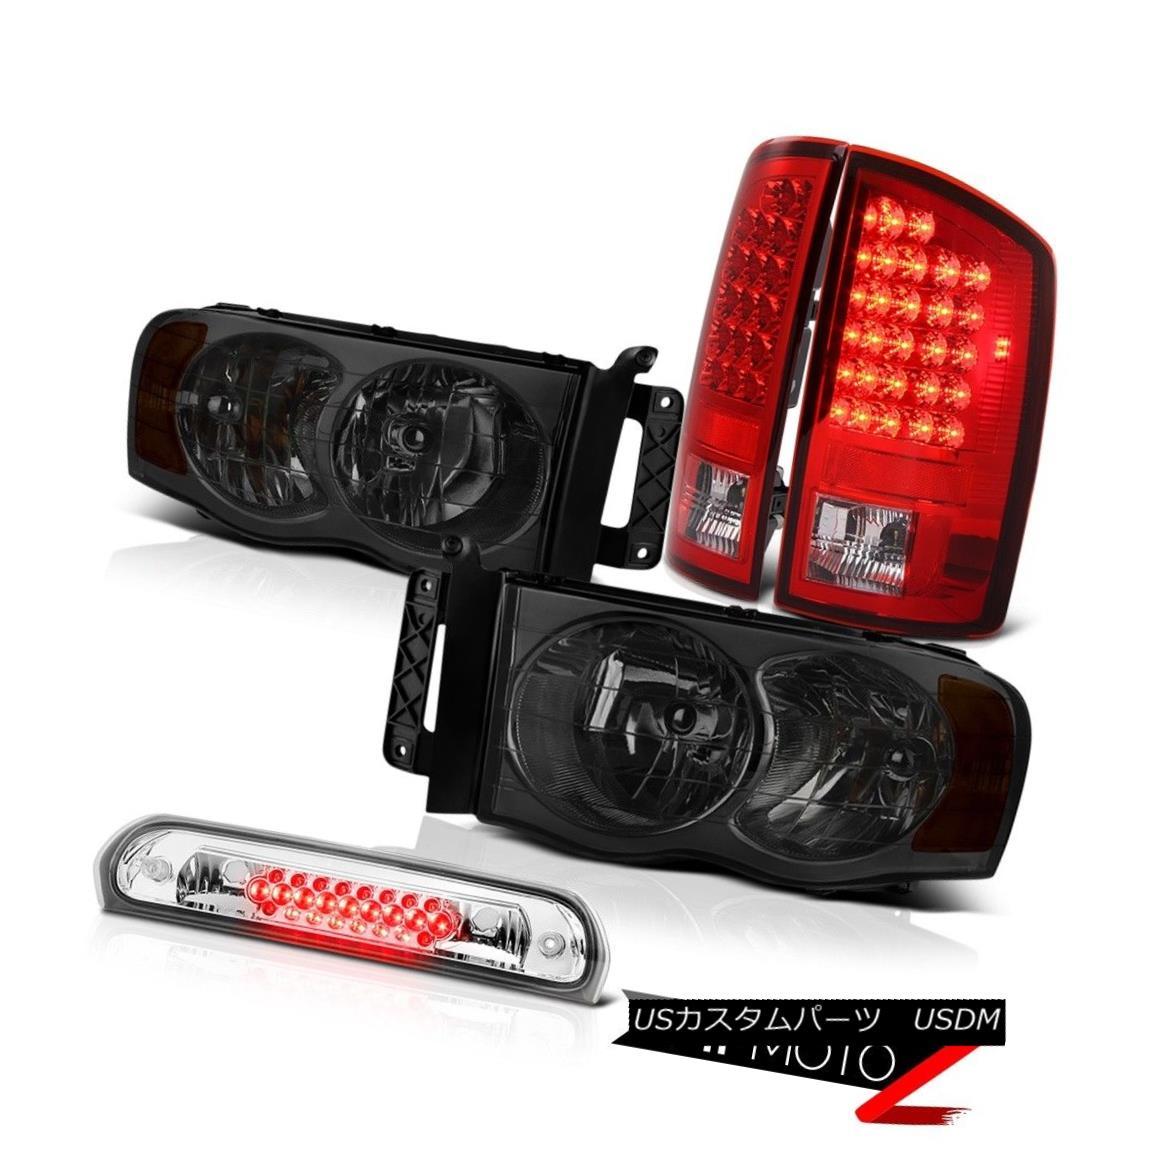 テールライト Left Right Smoke Headlights Red Tail Lights Roof Stop LED Clear 02-05 Ram Magnum 左スモークヘッドライト赤テールライトルーフストップLEDクリア02-05ラムマグナム